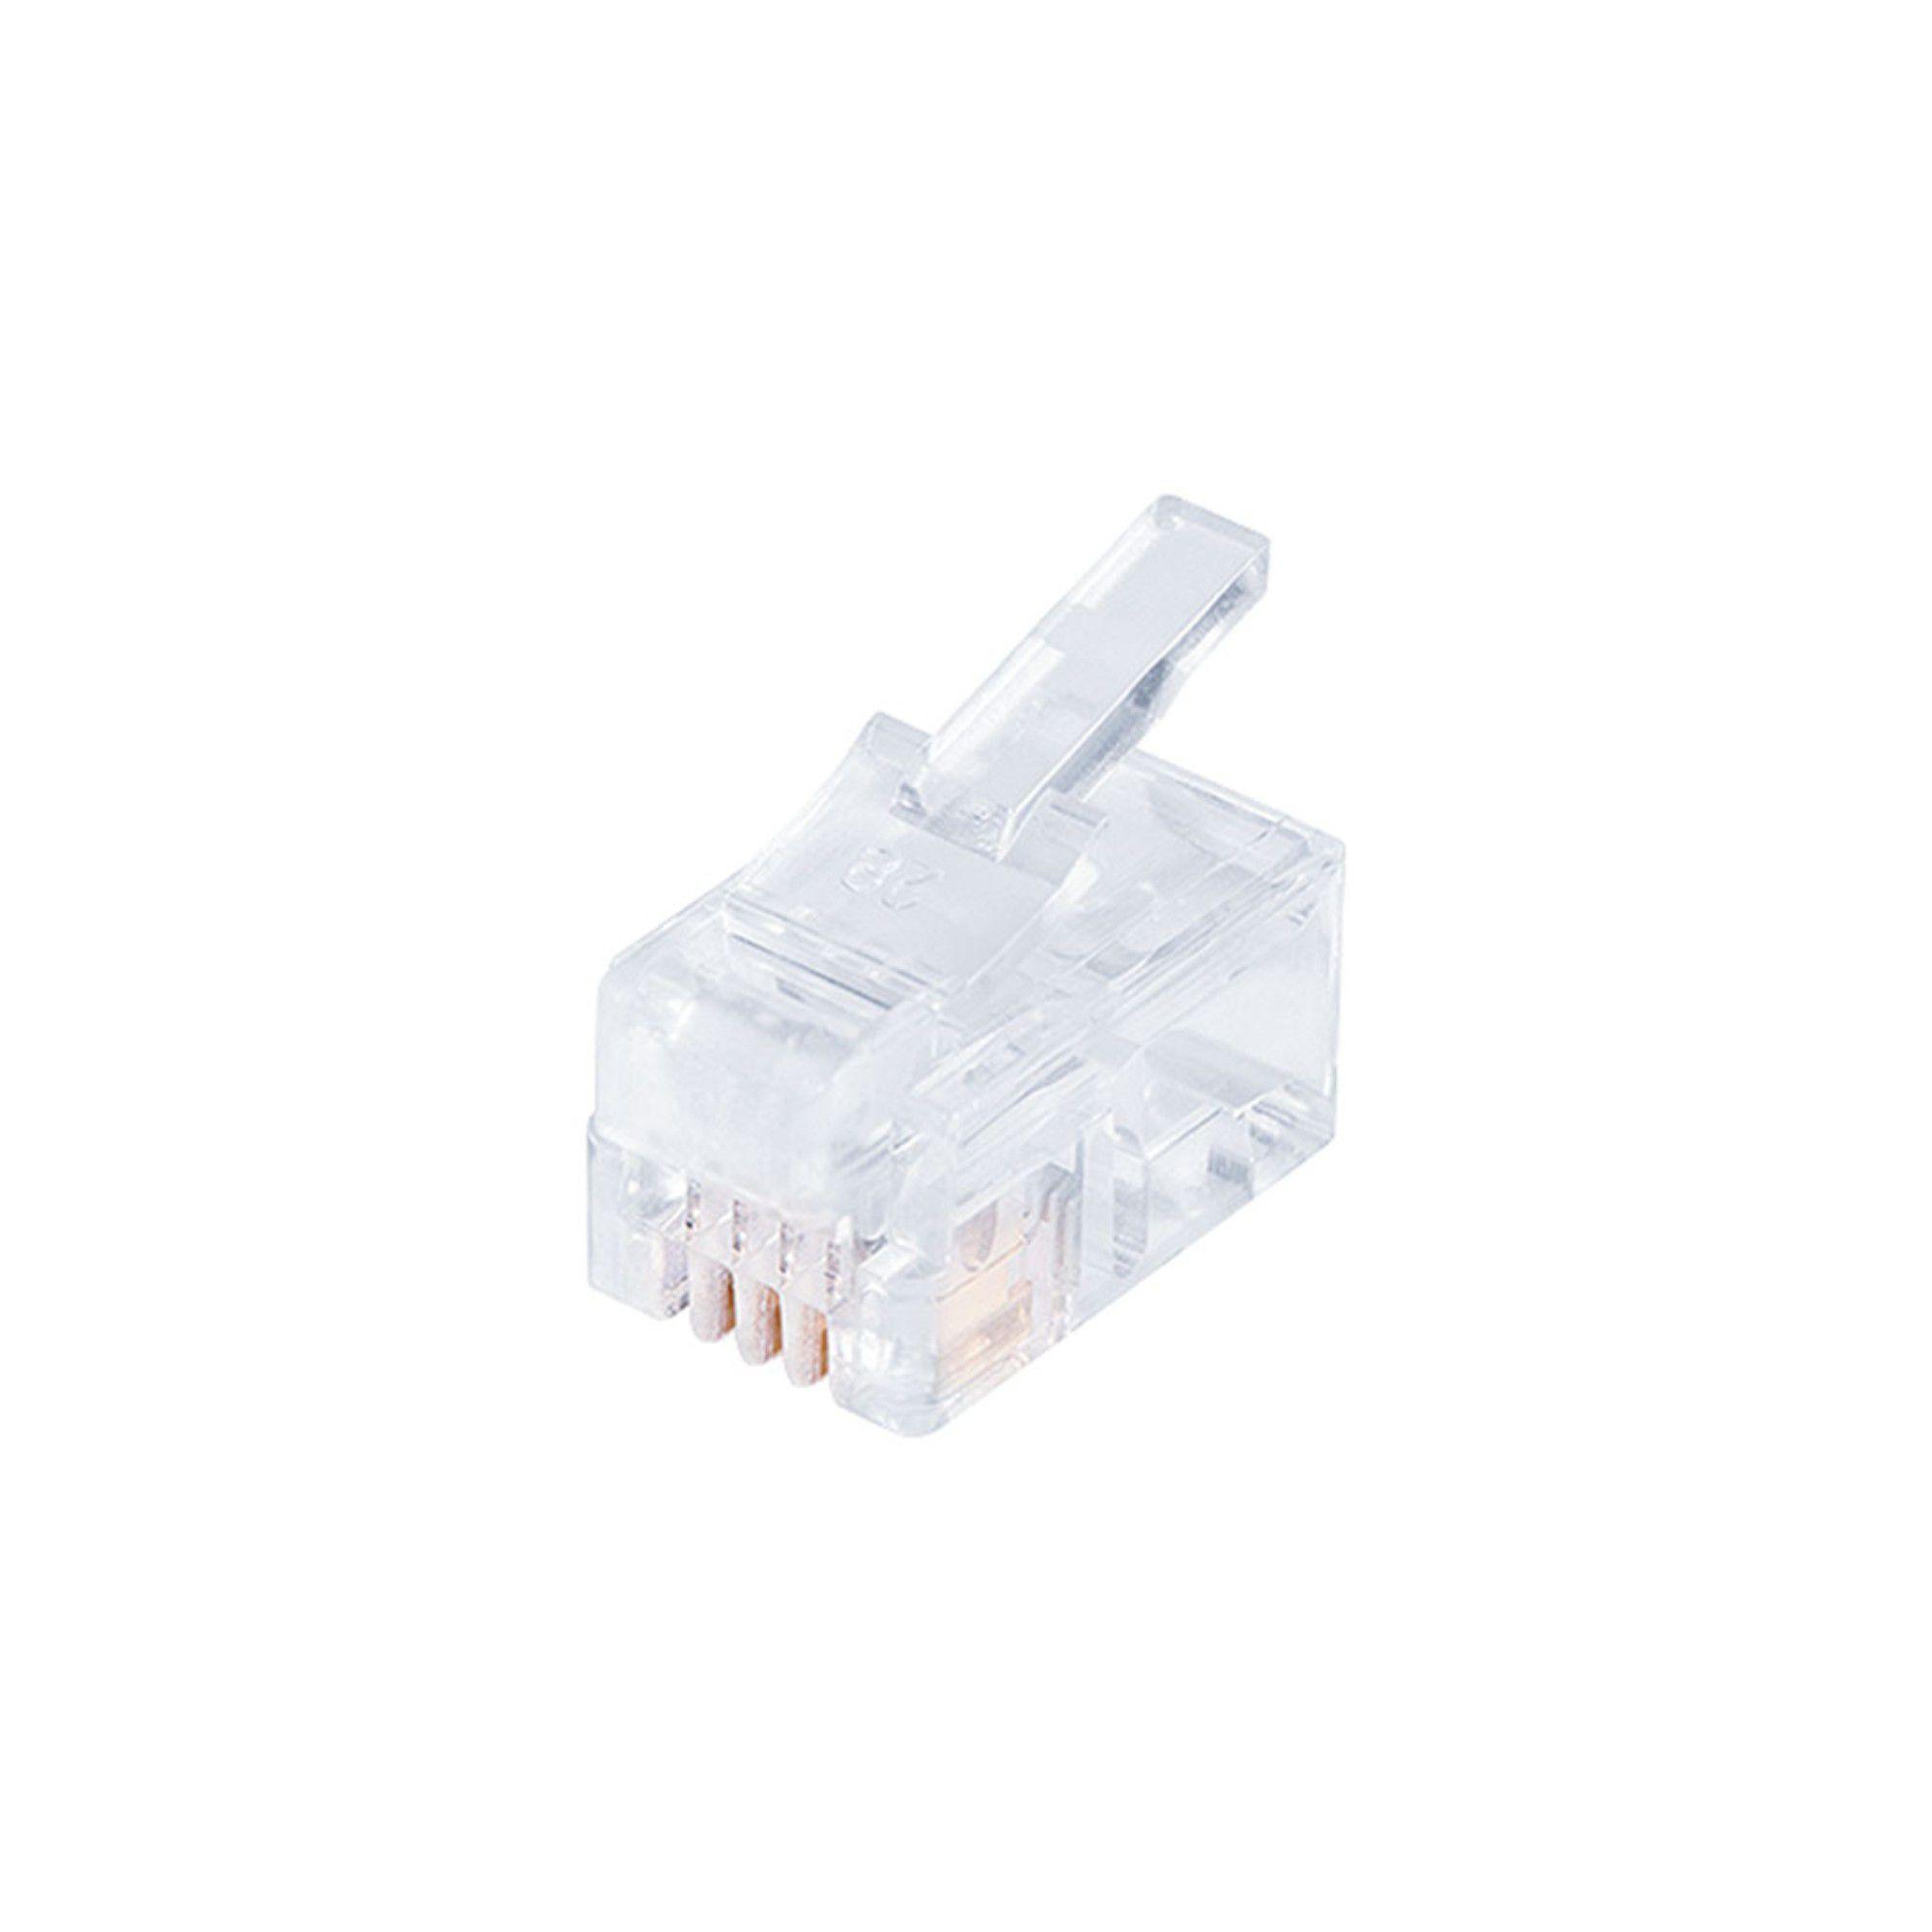 Conector RJ11 6x4 C/ 20 unidades